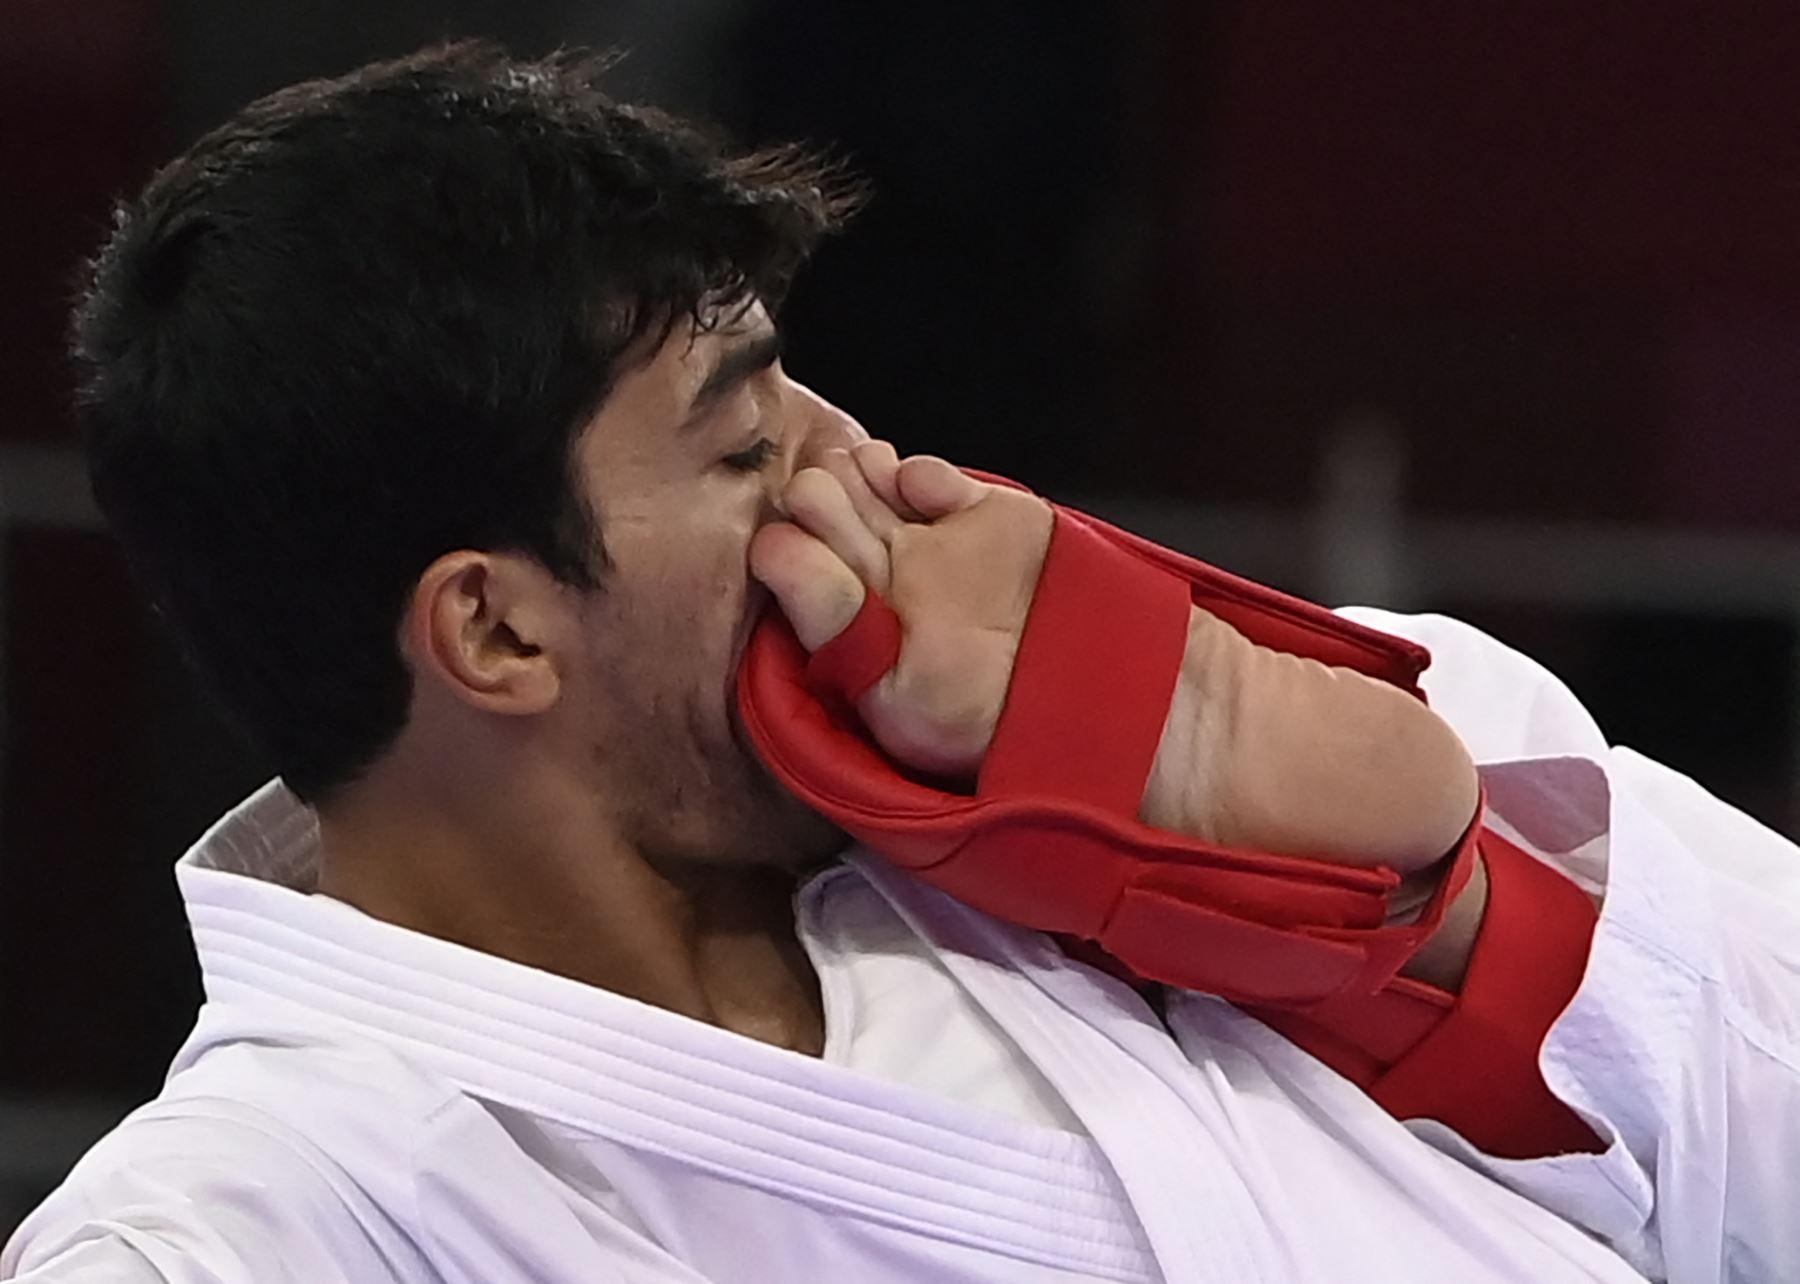 Abdel Rahman Almasatfa de Jordania compite contra Steven Da Costa de Francia, en la ronda eliminatoria de kumite -67 kg de hombres de la competencia de kárate durante los Juegos Olímpicos de Tokio 2020.FOTO: AFP